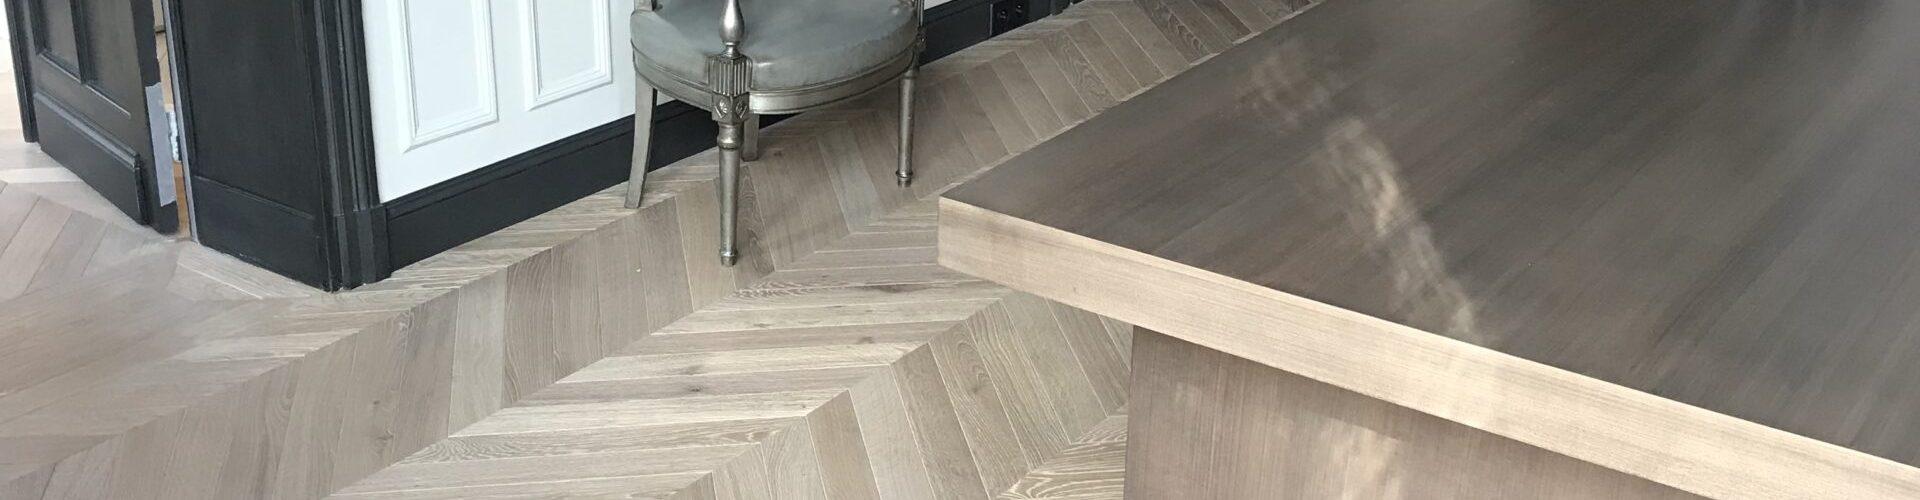 Beau parquet naturel - Devis Mister Floor gratuits sols